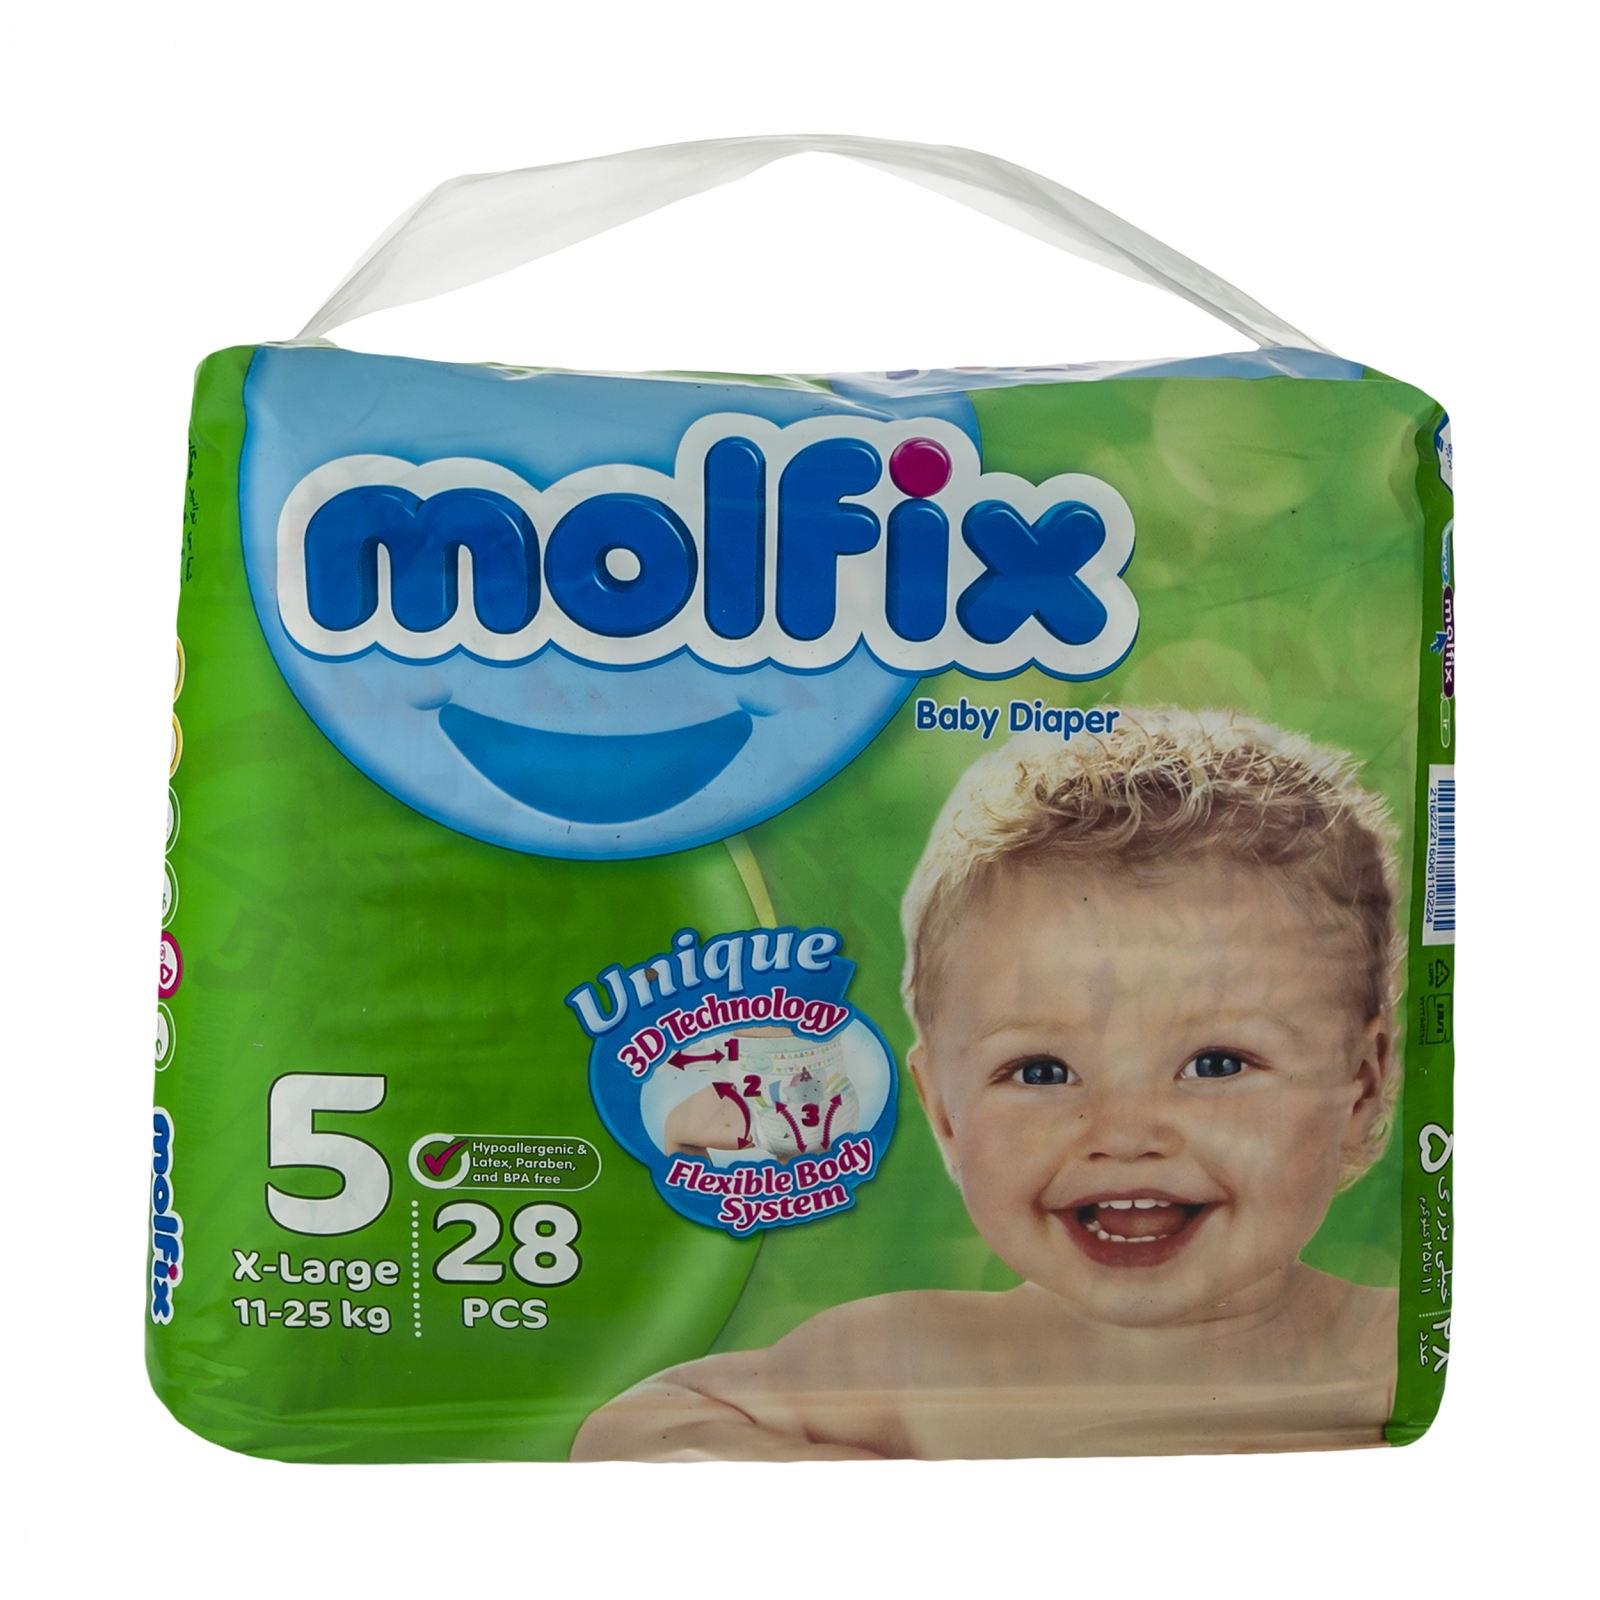 پوشک بچه سایز پنج 28 عددی مولفیکس XL - پوشک بچه سایز پنج 28 عددی مولفیکس XL